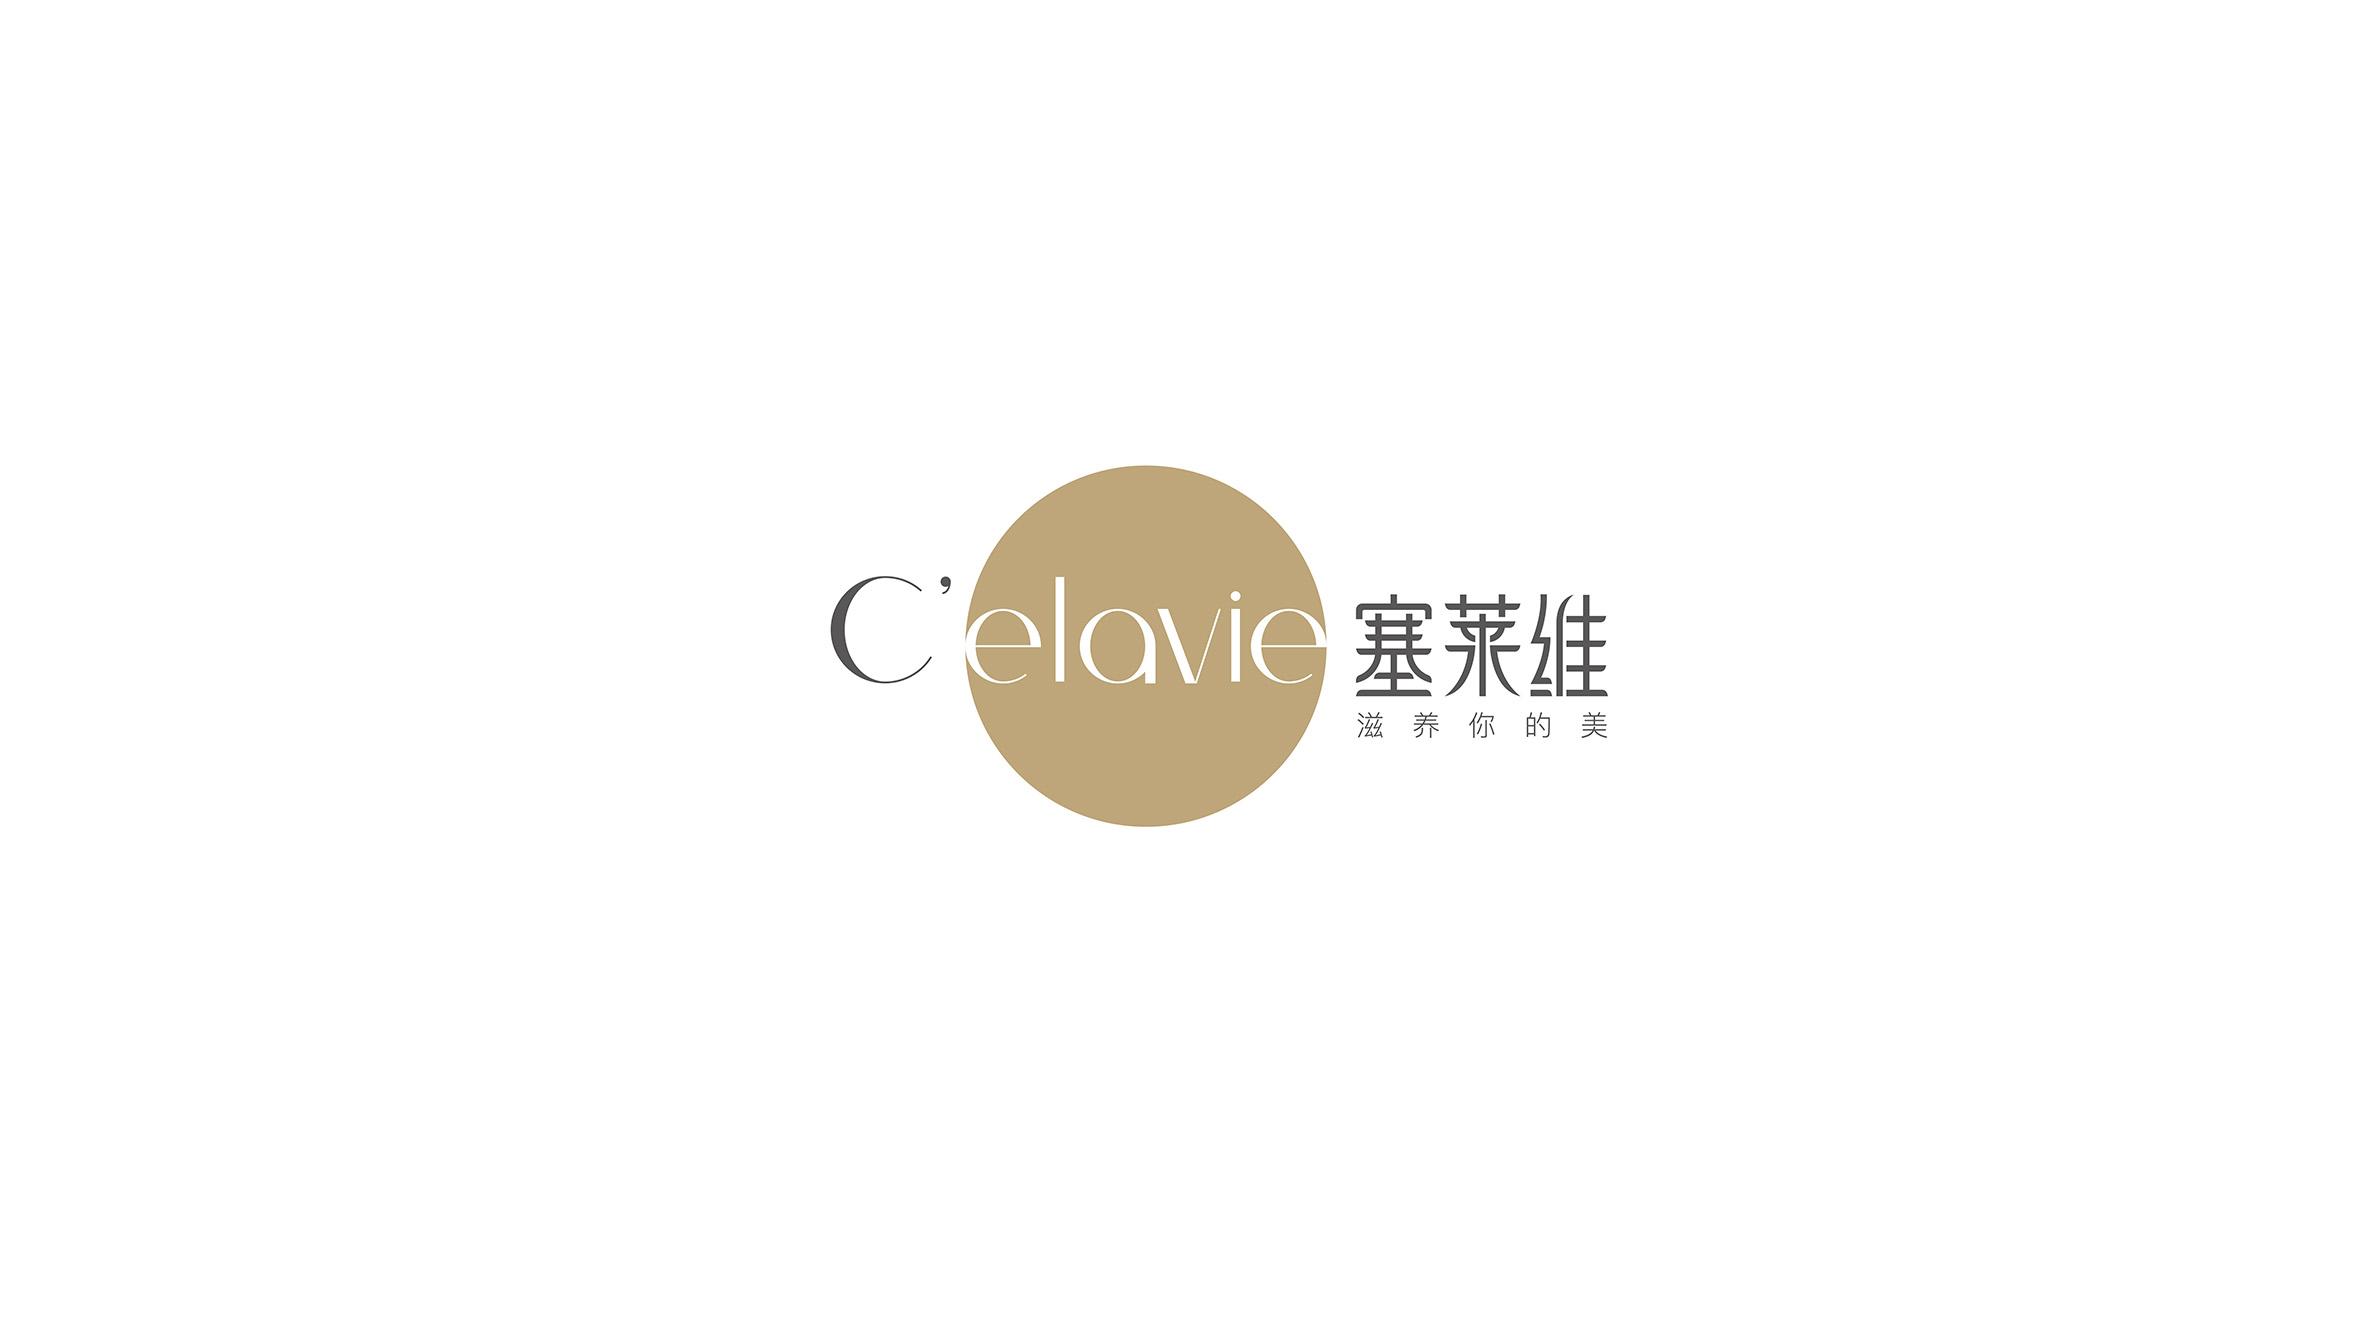 品牌logo:塞莱维